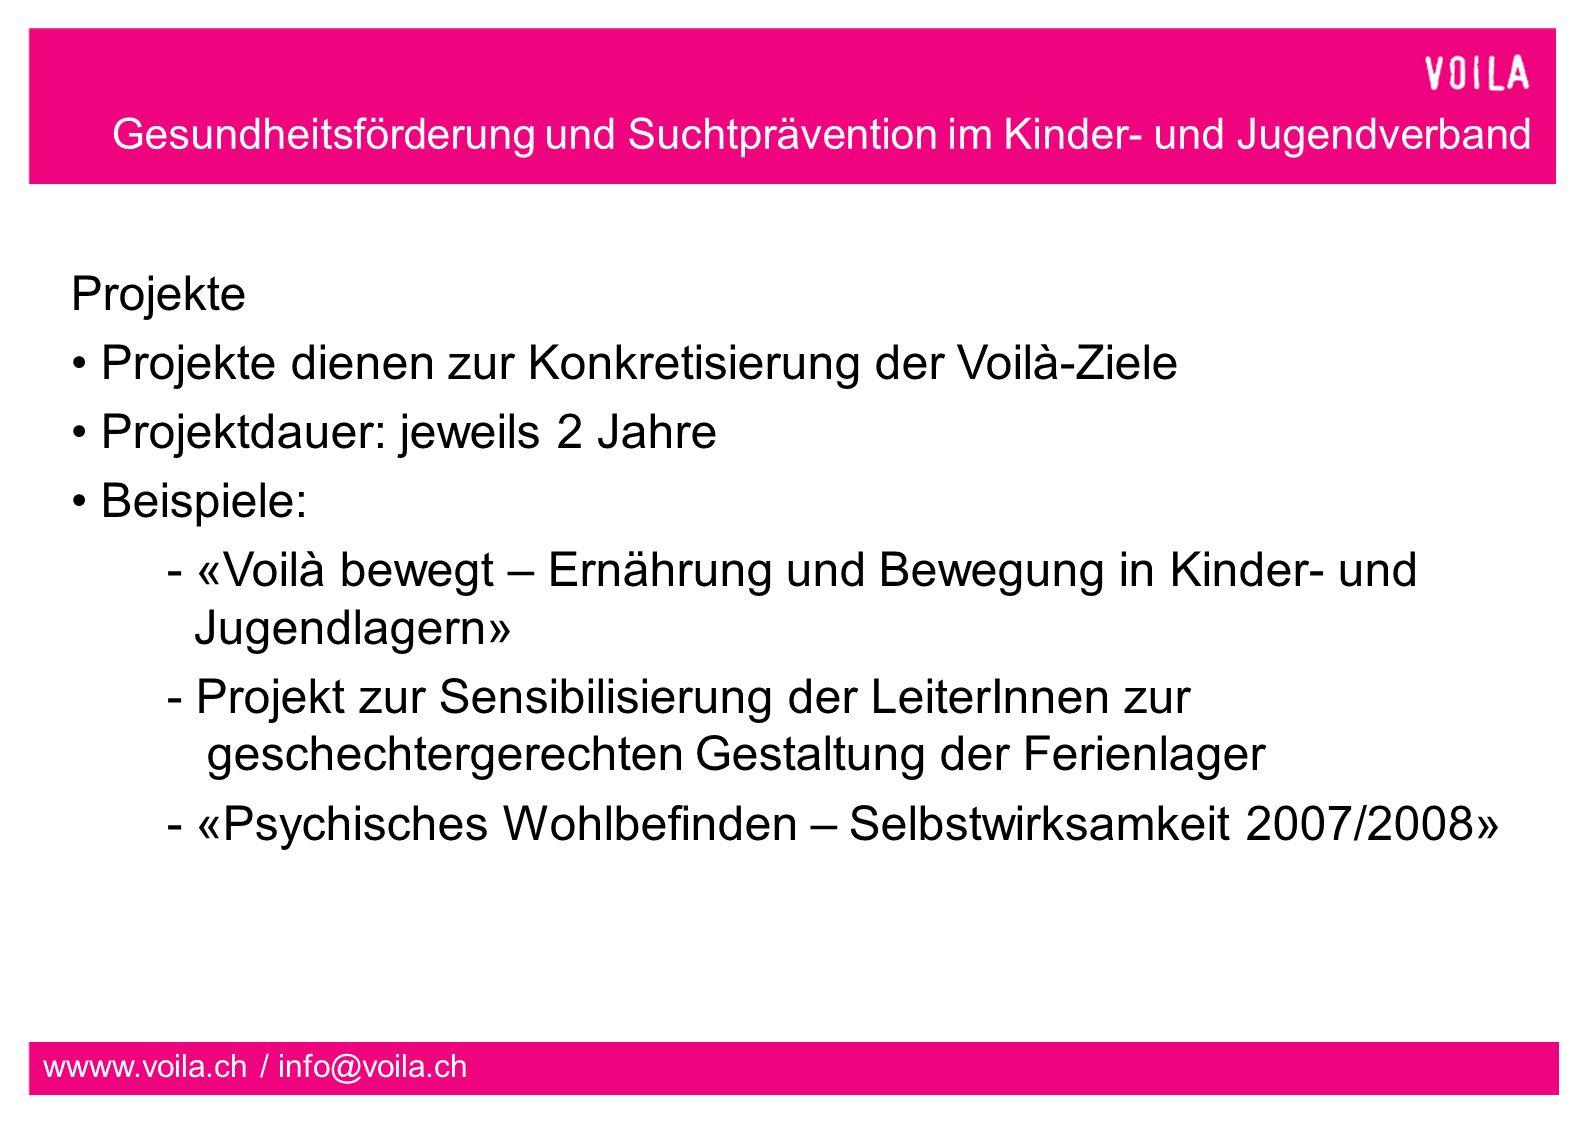 Gesundheitsförderung und Suchtprävention im Kinder- und Jugendverband wwww.voila.ch / info@voila.ch Projekte Projekte dienen zur Konkretisierung der Voilà-Ziele Projektdauer: jeweils 2 Jahre Beispiele: - «Voilà bewegt – Ernährung und Bewegung in Kinder- und Jugendlagern» - Projekt zur Sensibilisierung der LeiterInnen zur geschechtergerechten Gestaltung der Ferienlager - «Psychisches Wohlbefinden – Selbstwirksamkeit 2007/2008»